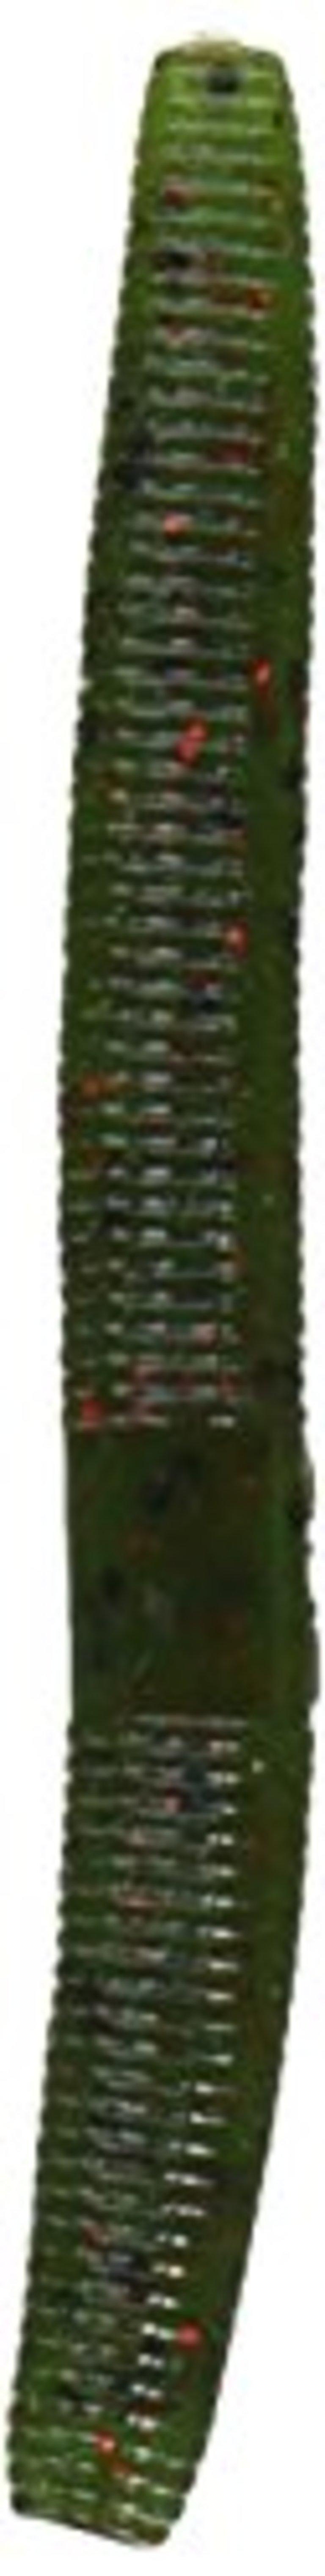 W768 eac40dda 0305 49bd a713 977f8fa30247